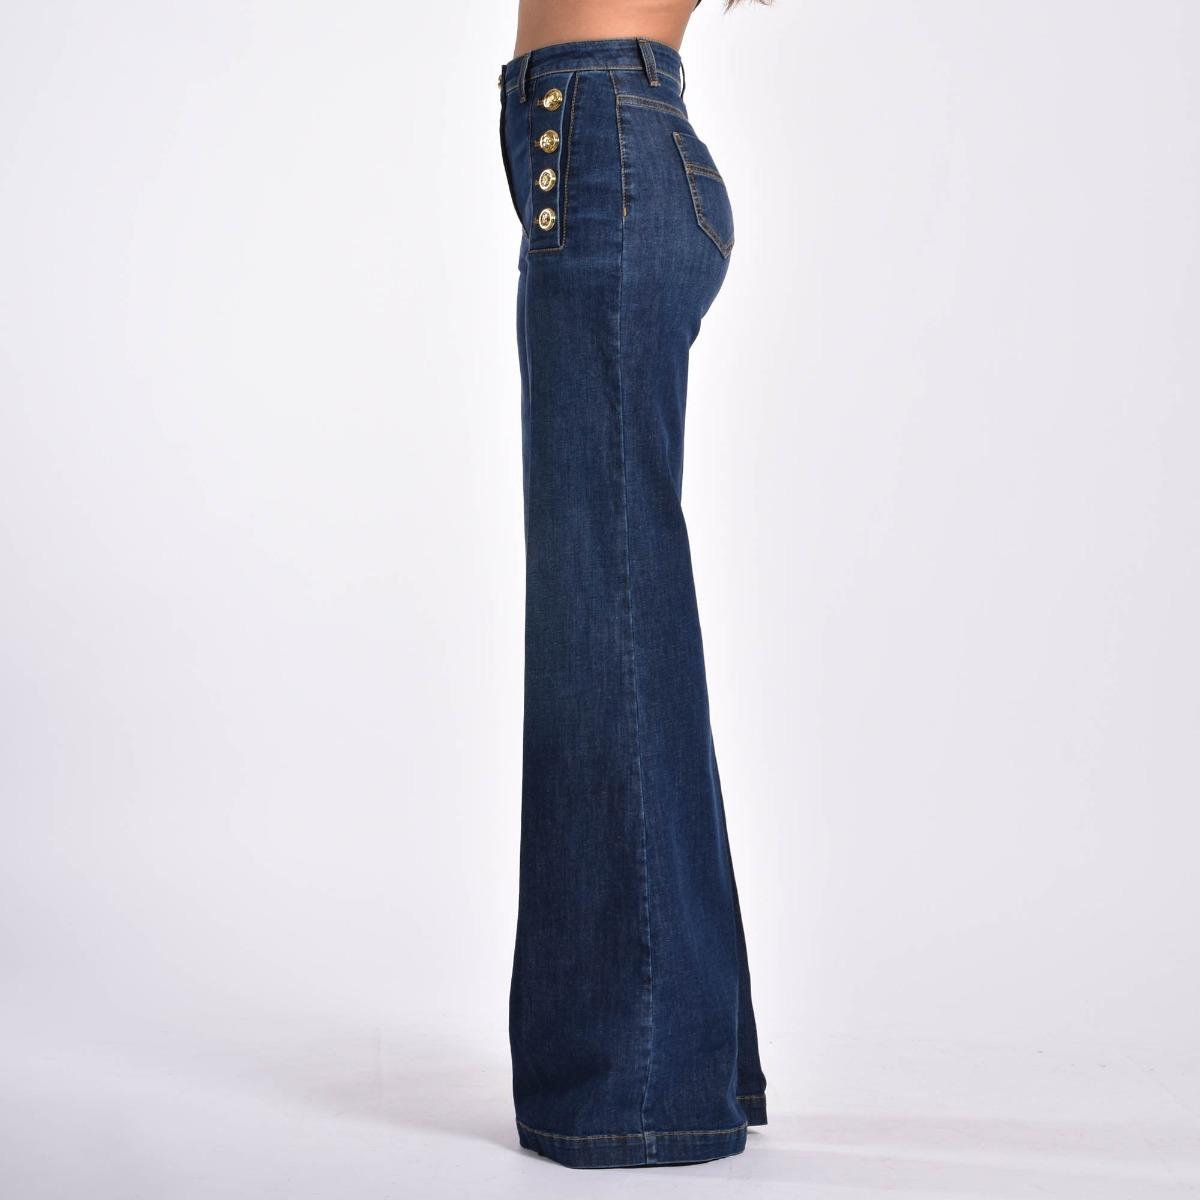 Jeans palazzo bottoni logati- Denim scuro